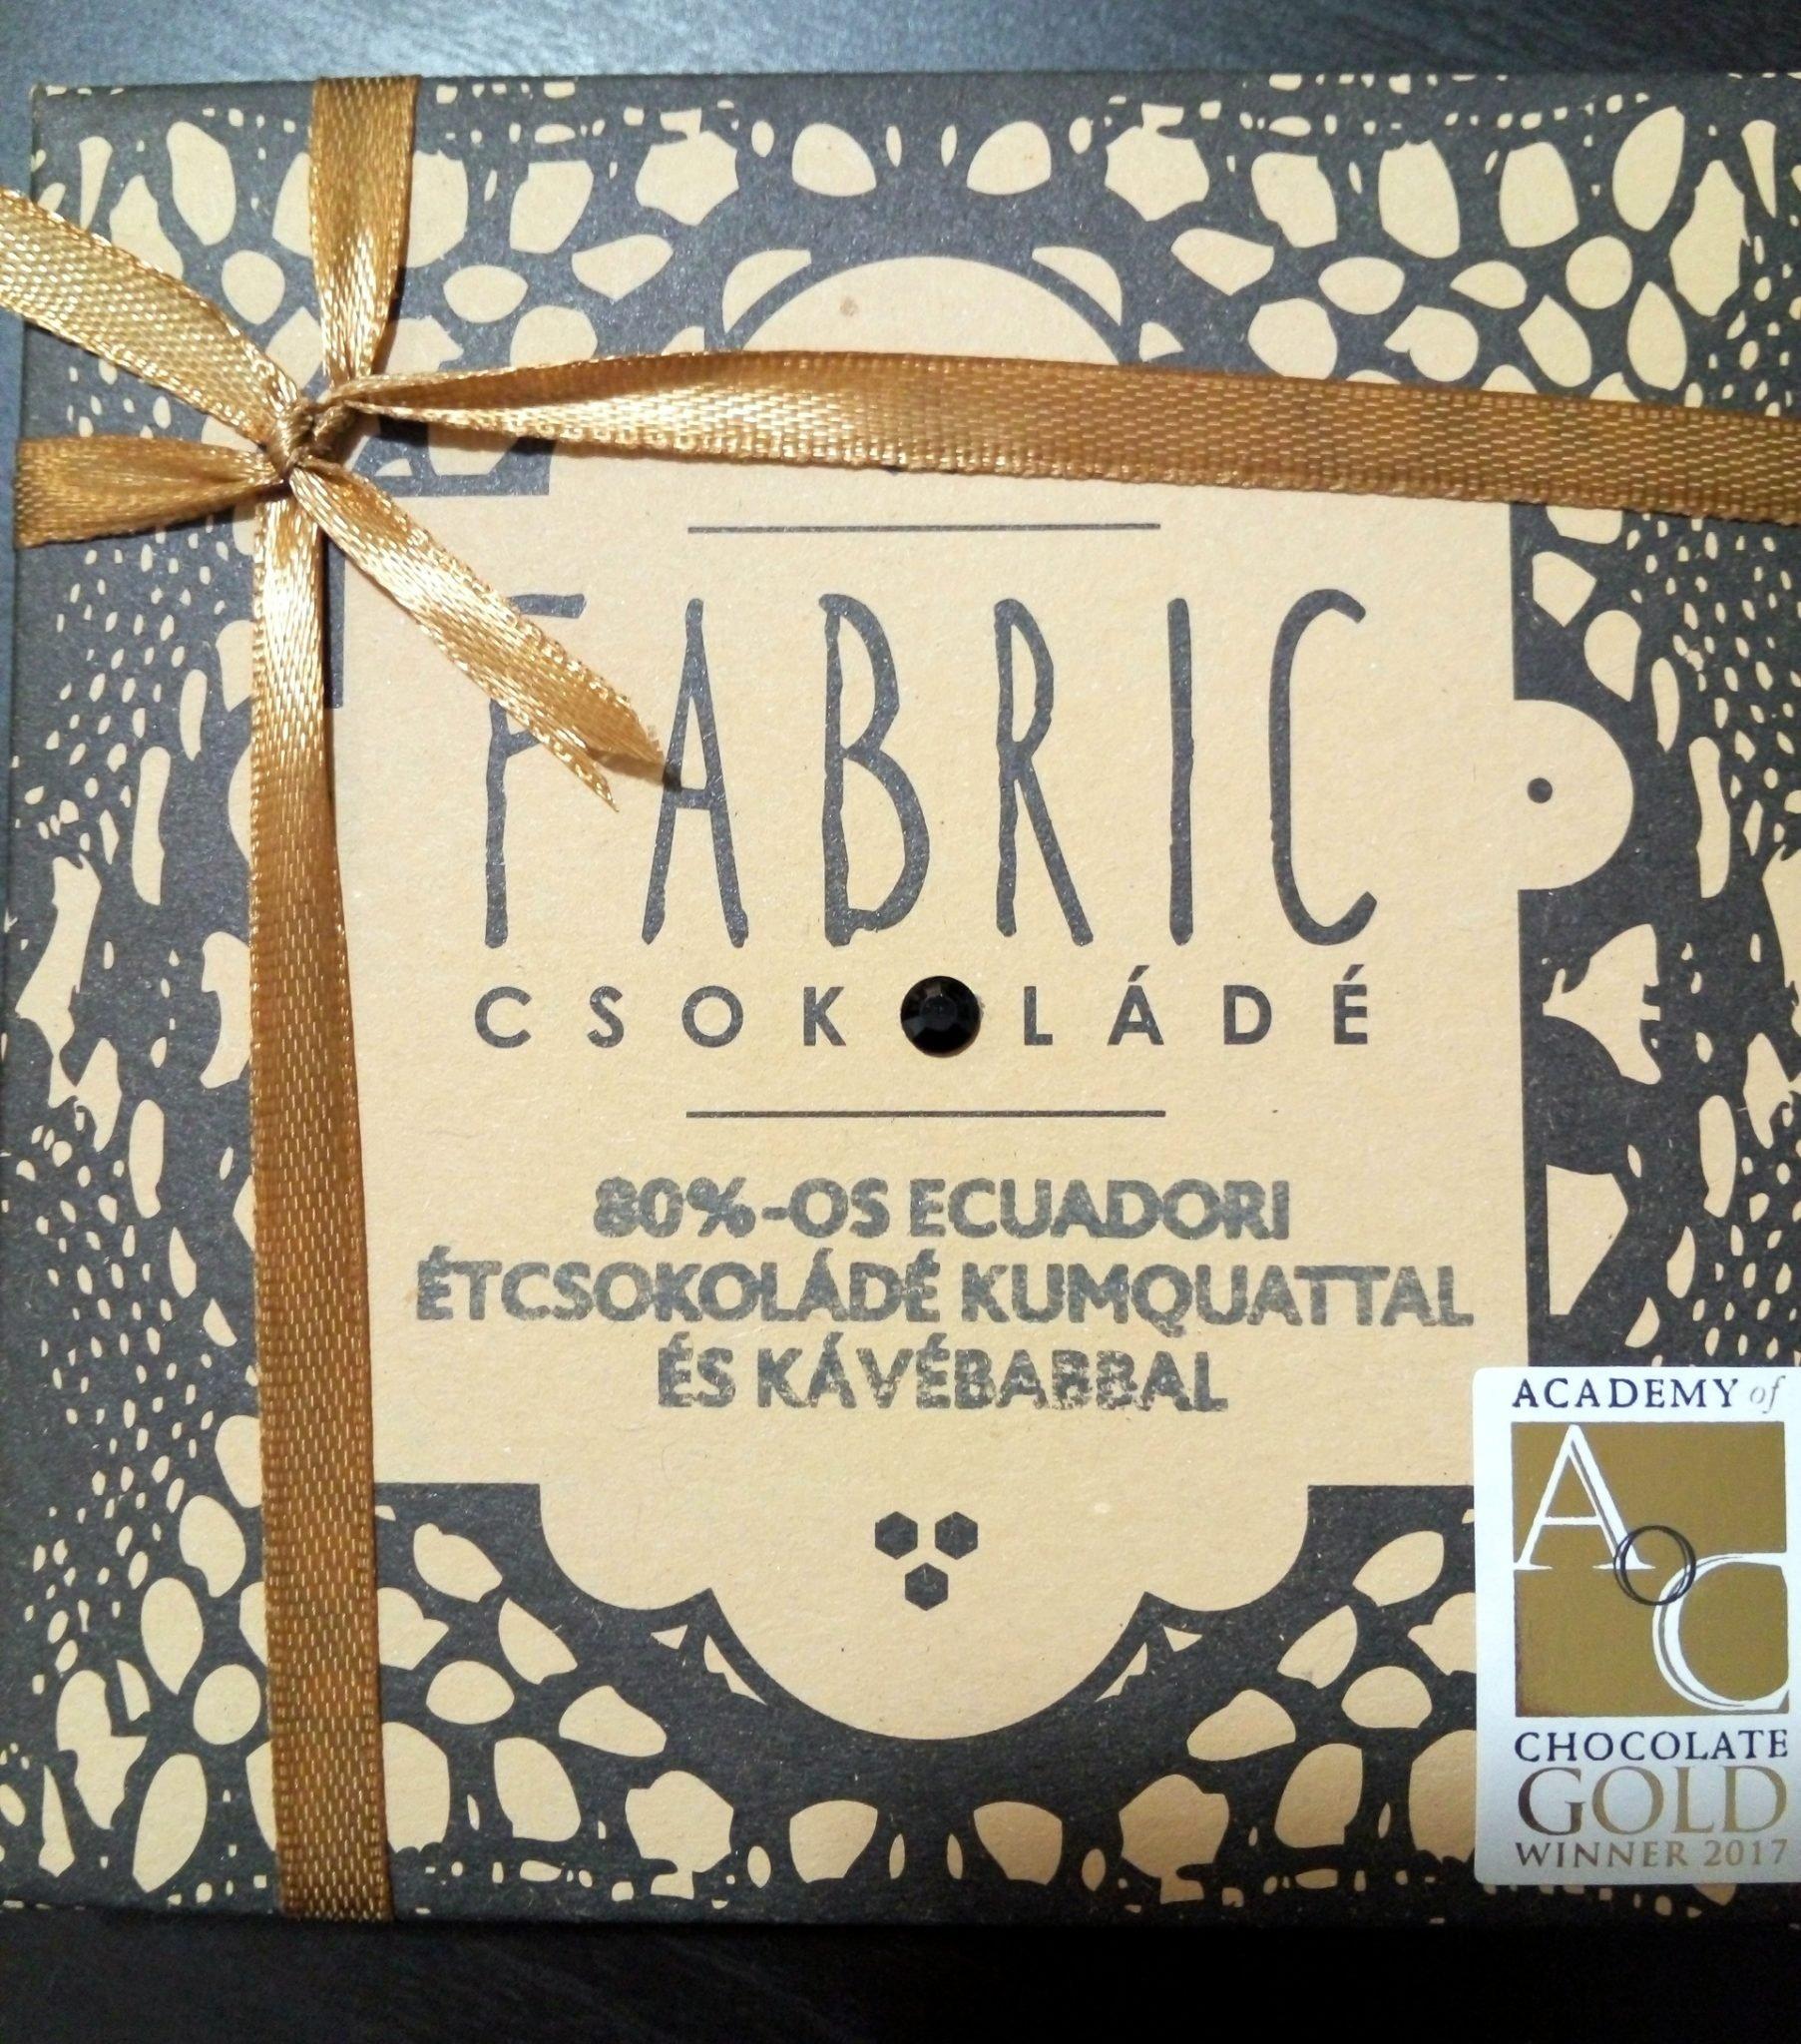 Fabric étcsokoládé 80%-os ecuadorri arriba kakaóból qumquattal és kávéval